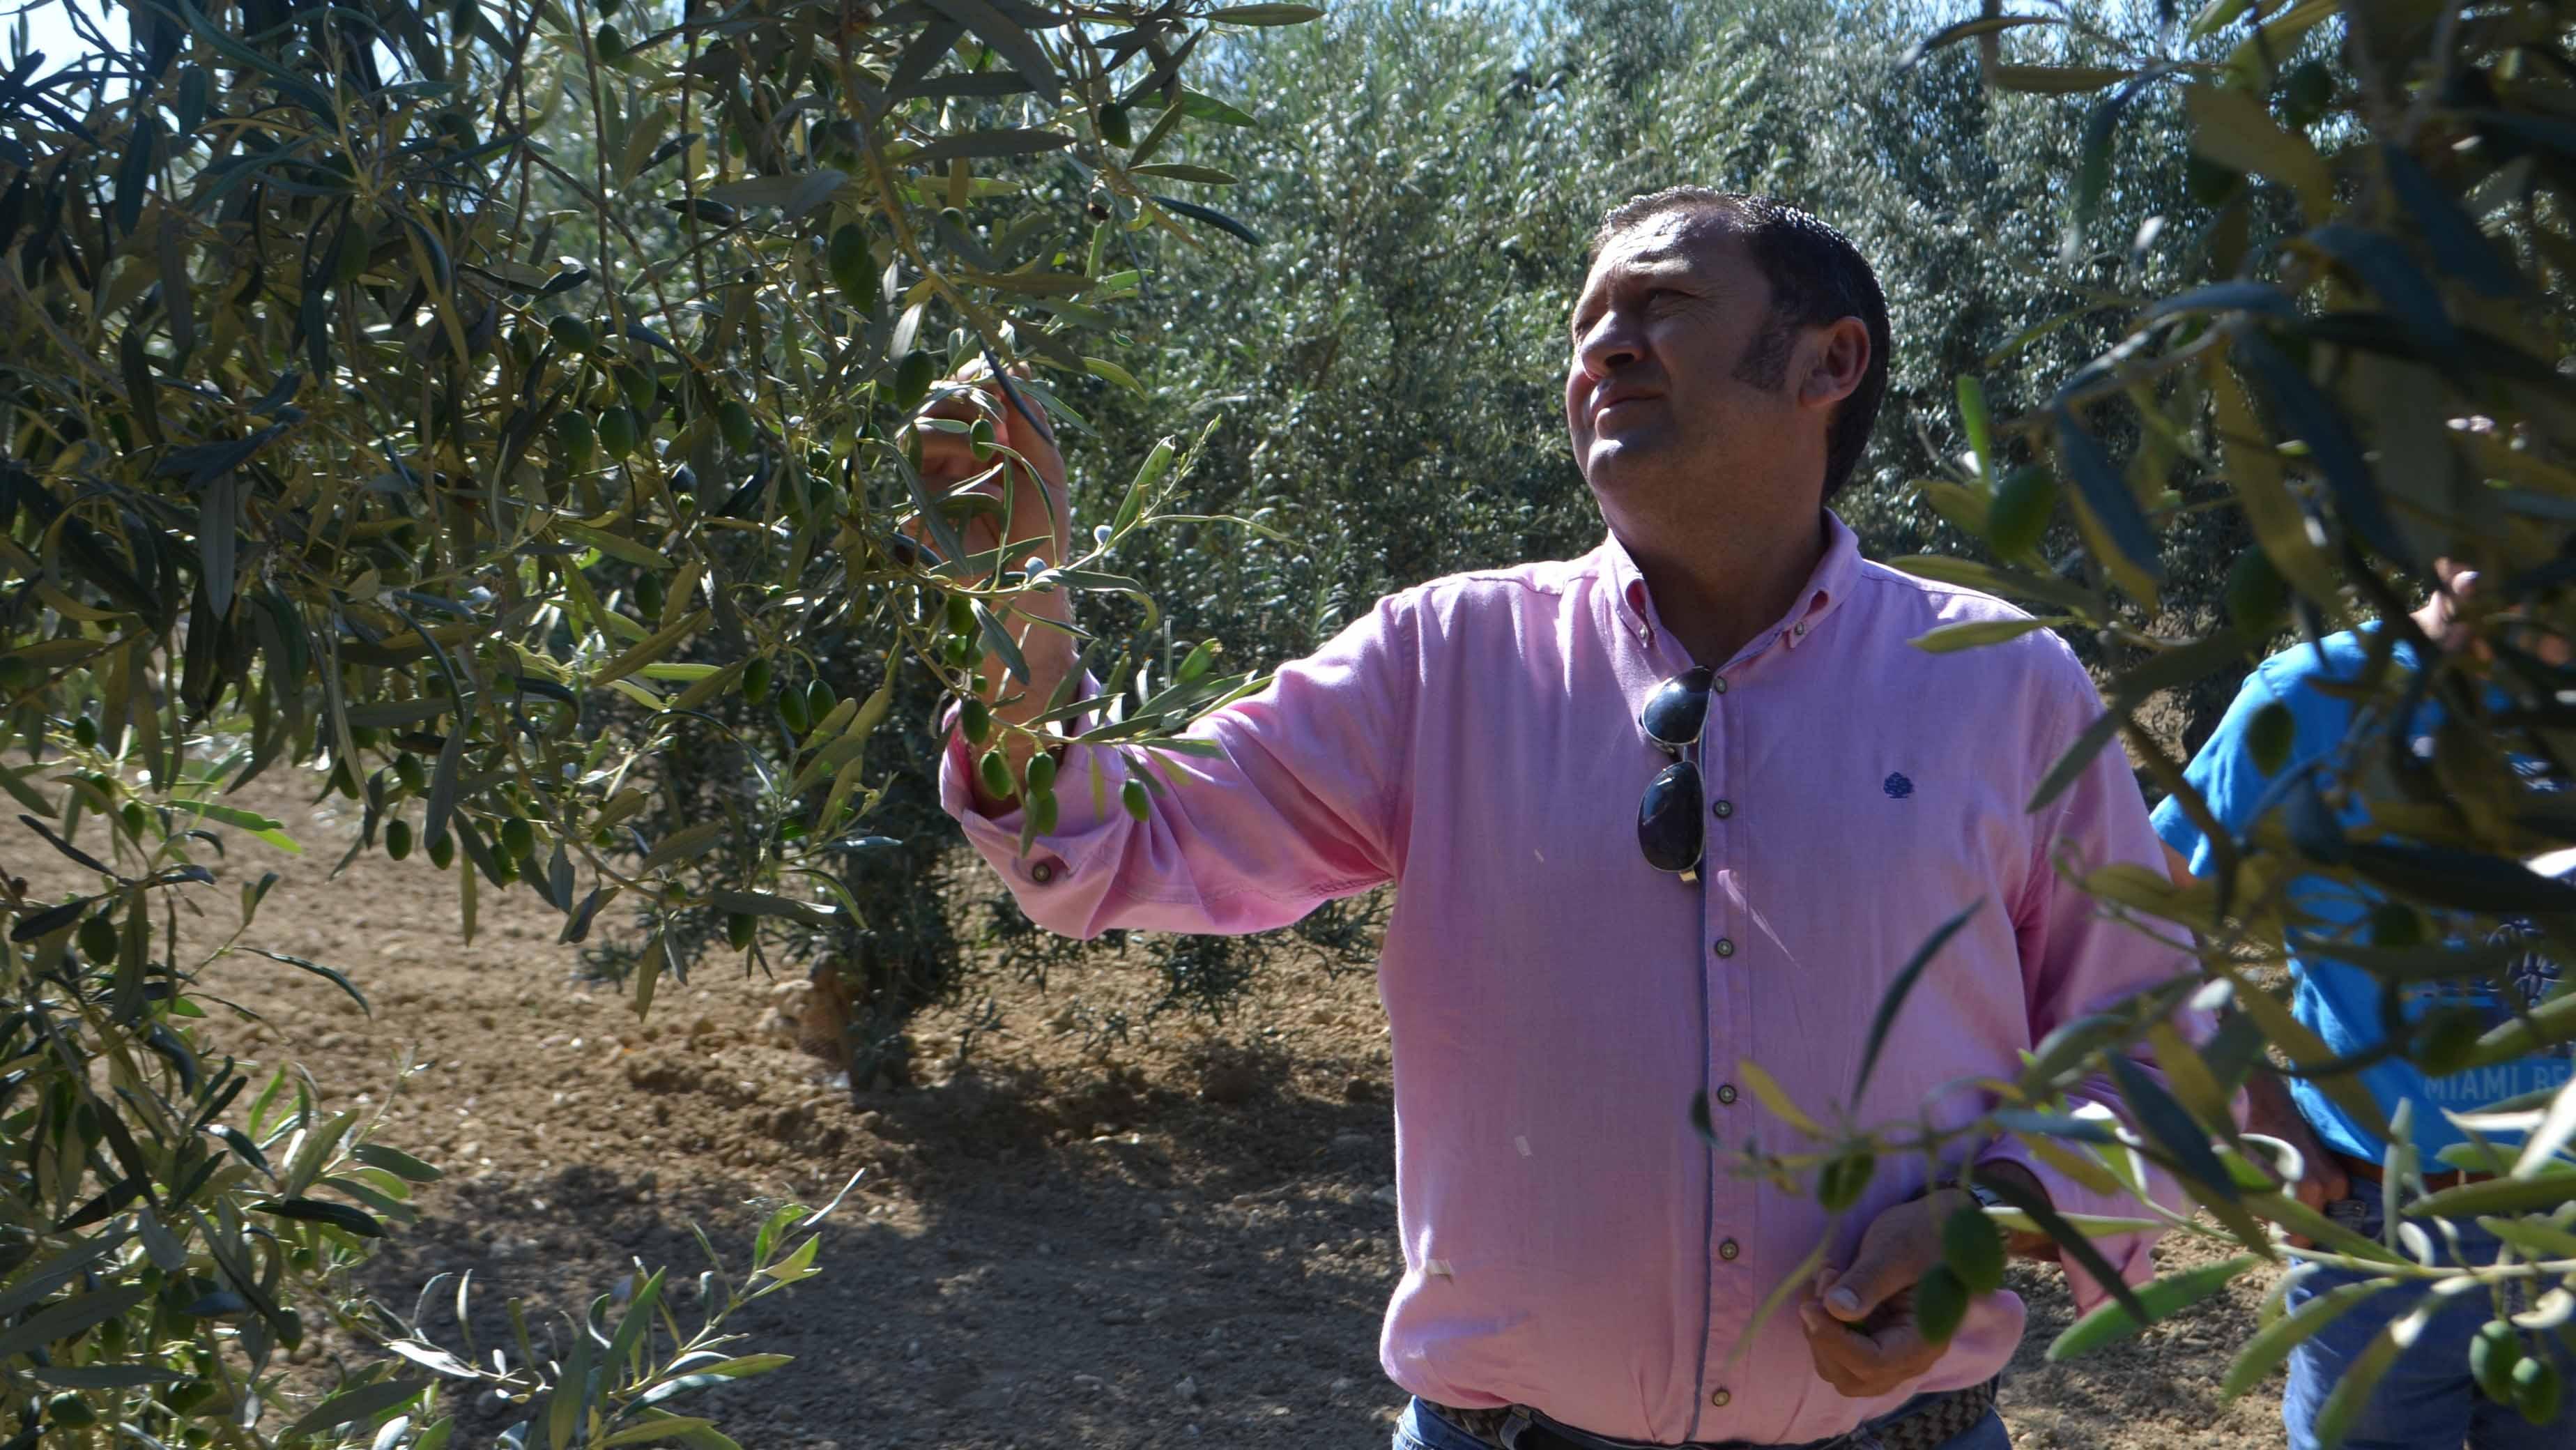 El olivar de Utrera se encuentra en la encrucijada de tener que reducir sus costes de producción